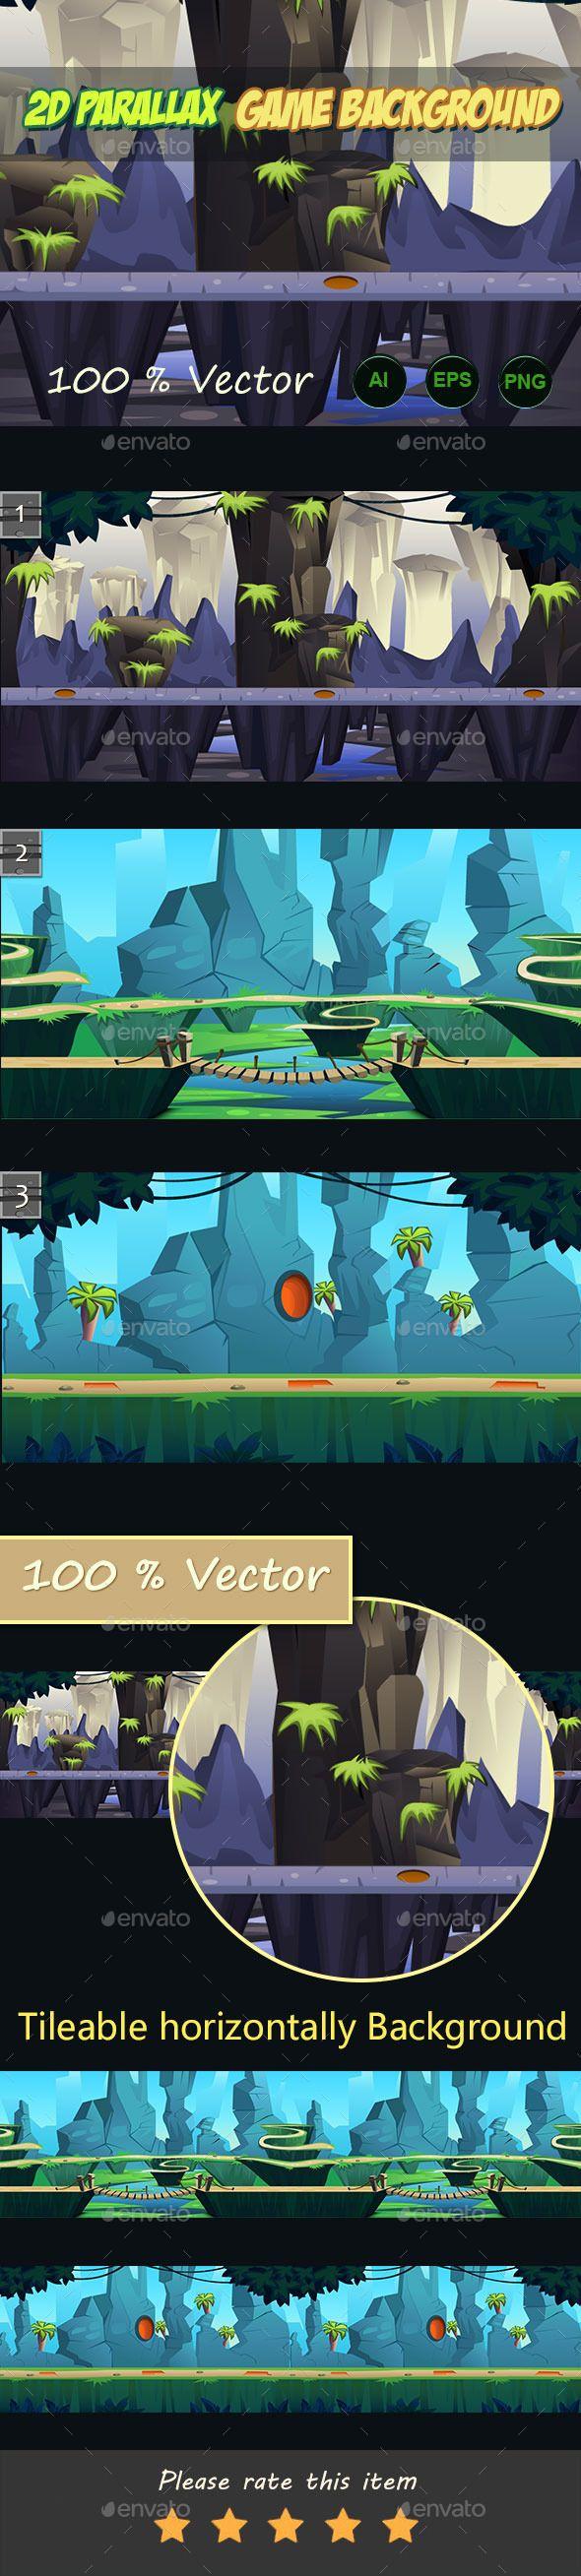 2d parallax game Backgrounds Download here: https://graphicriver.net/item/2d-parallax-game-backgrounds/11364895?ref=KlitVogli